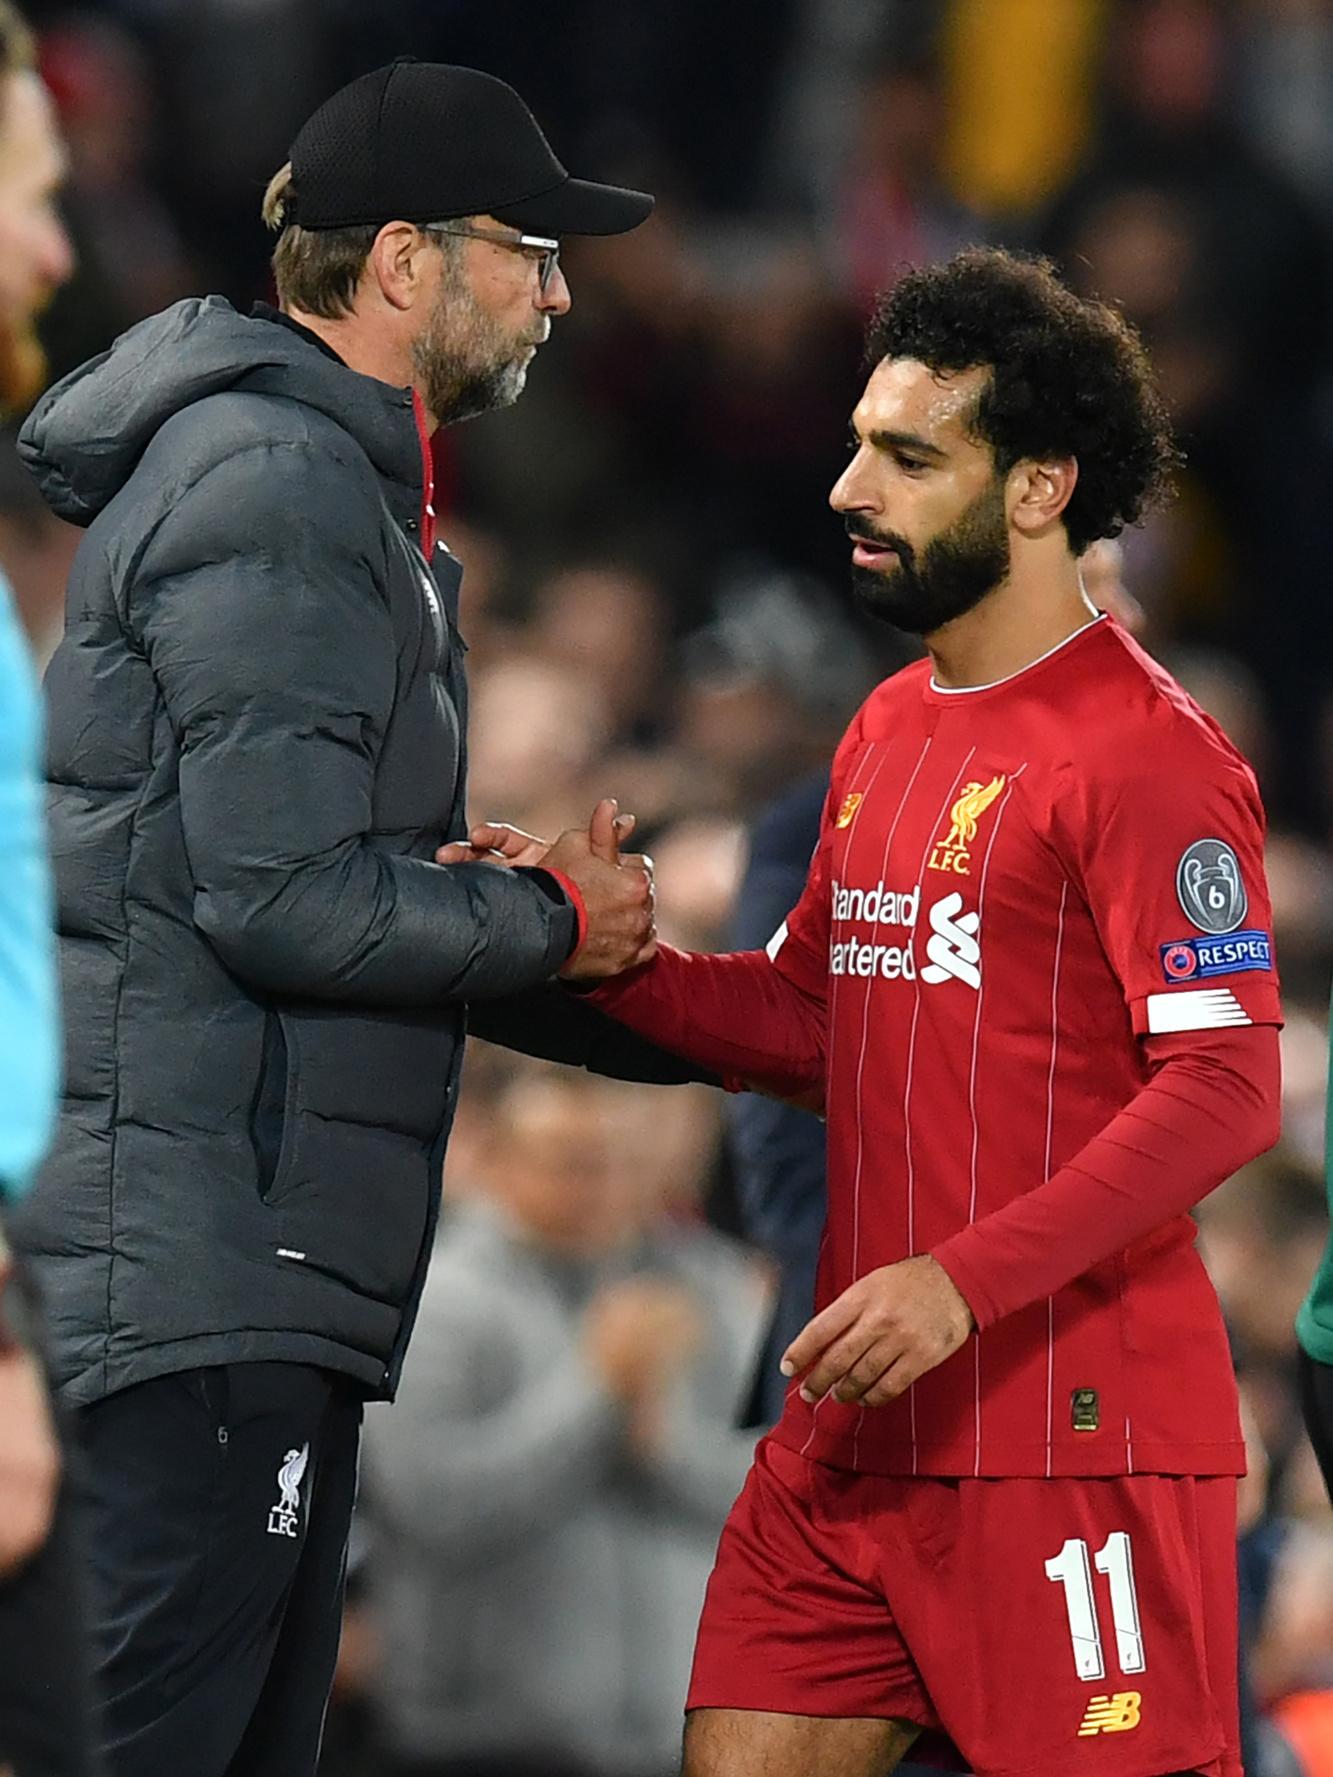 Jürgen Klopp: 'Wij hebben bij Liverpool een gebedsruimte voor Mo Salah en Sadio Mané. En er zijn nog andere islamitische gebruiken die wij respecteren.', Belga Image